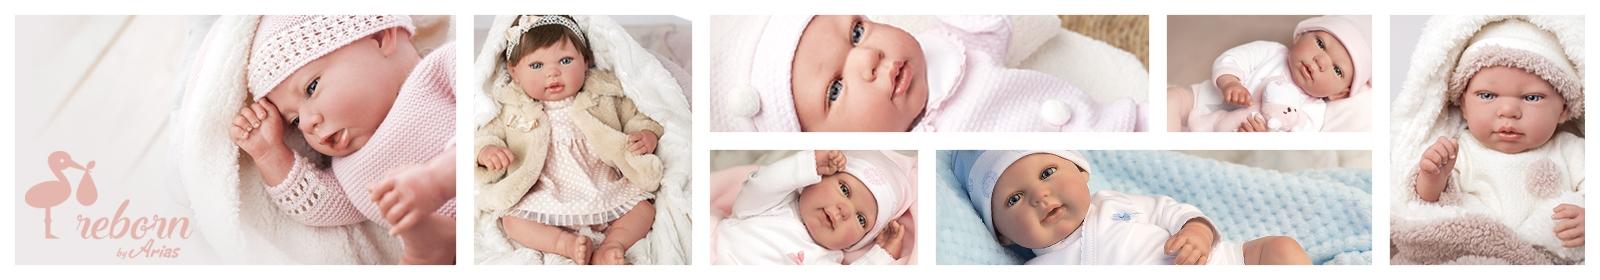 Comprar Muñecas bebé y Reborn Arias online al mejor precio